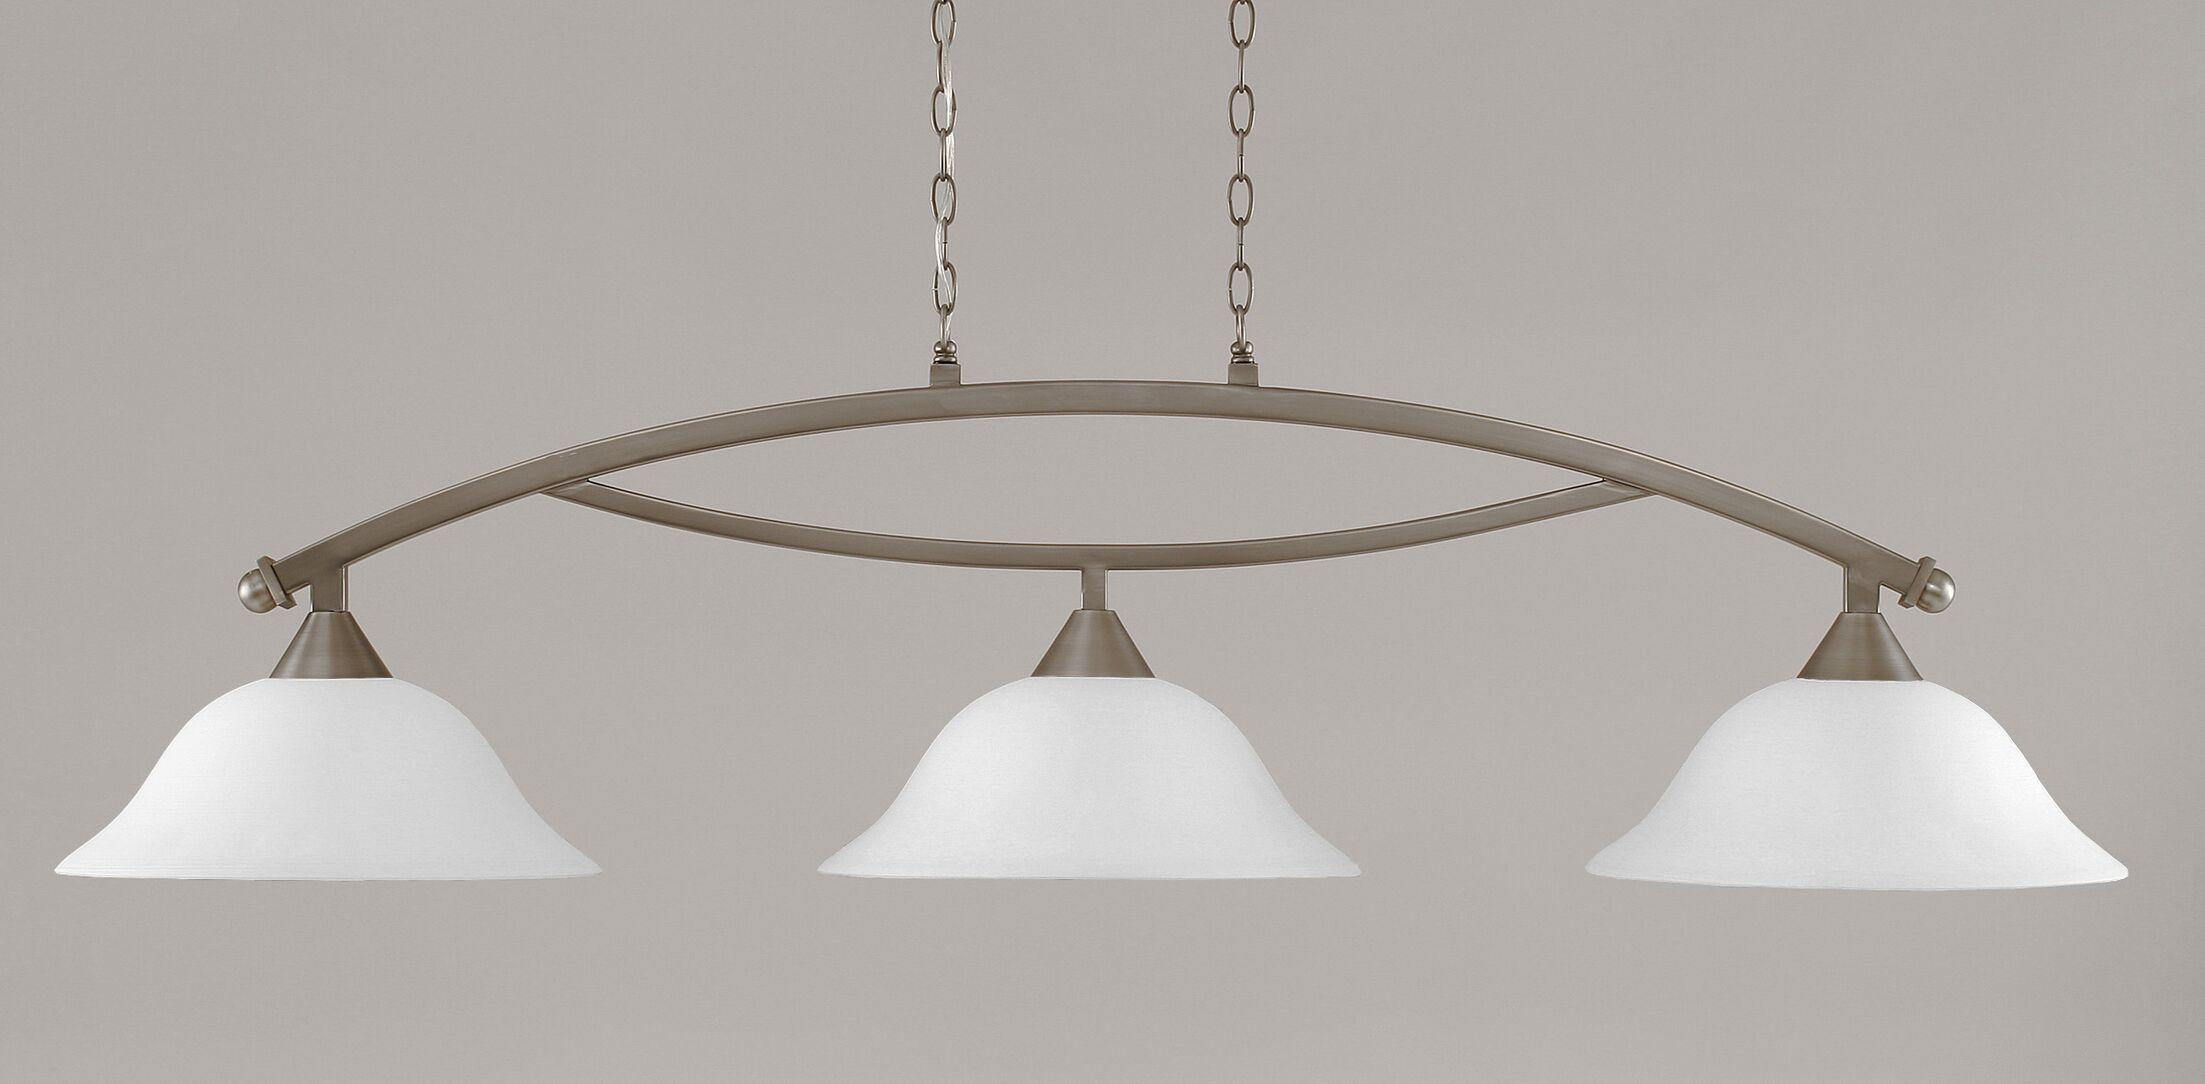 Blankenship 3-Light Billiard Light Color: Brushed Nickel, Shade Color: White